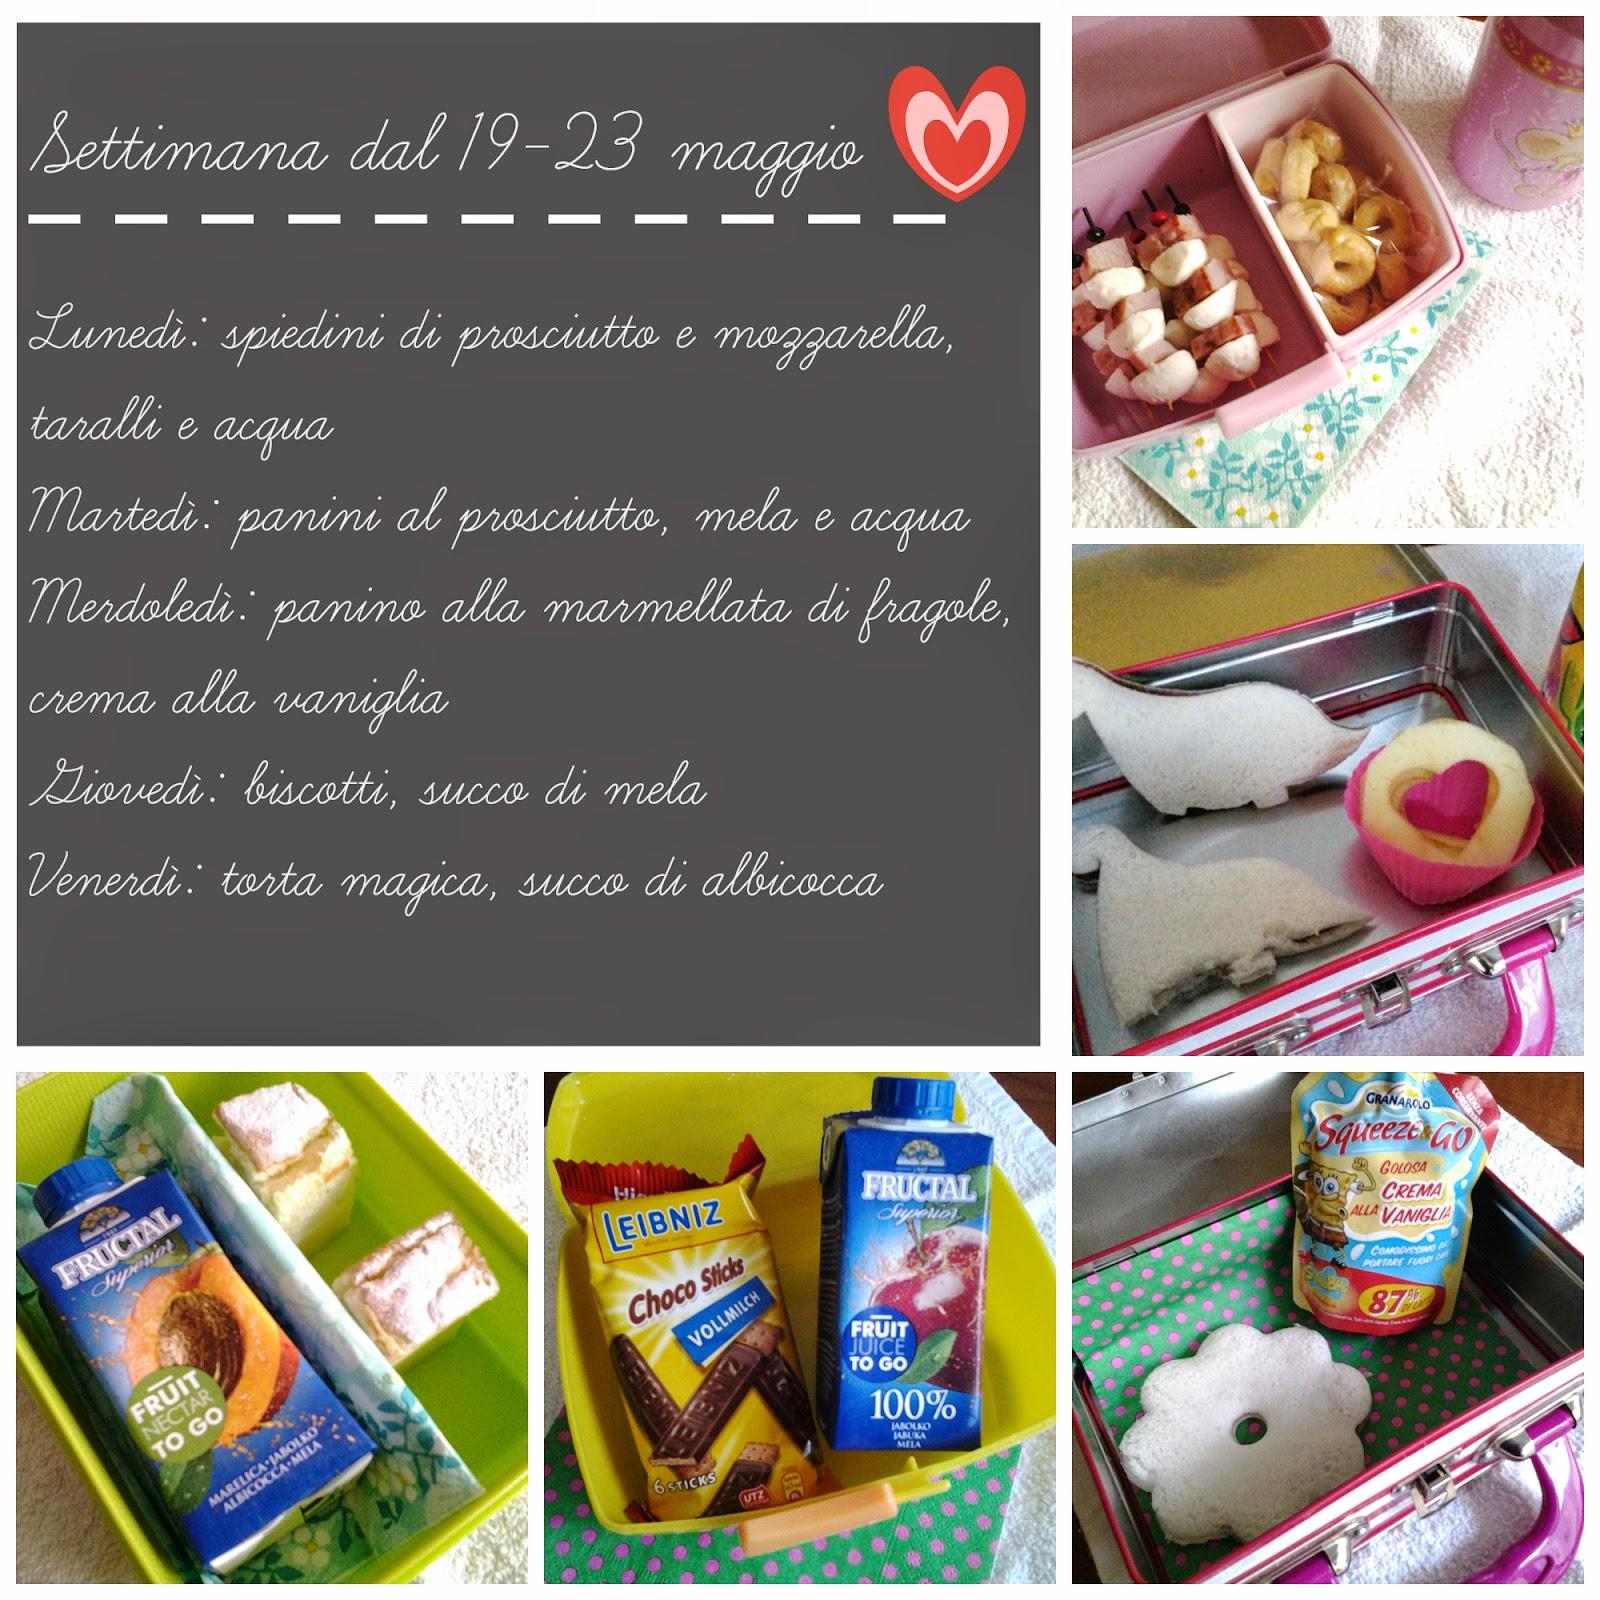 http://www.colazionialetto.com/2014/06/ecco-lultima-uscita-di.html